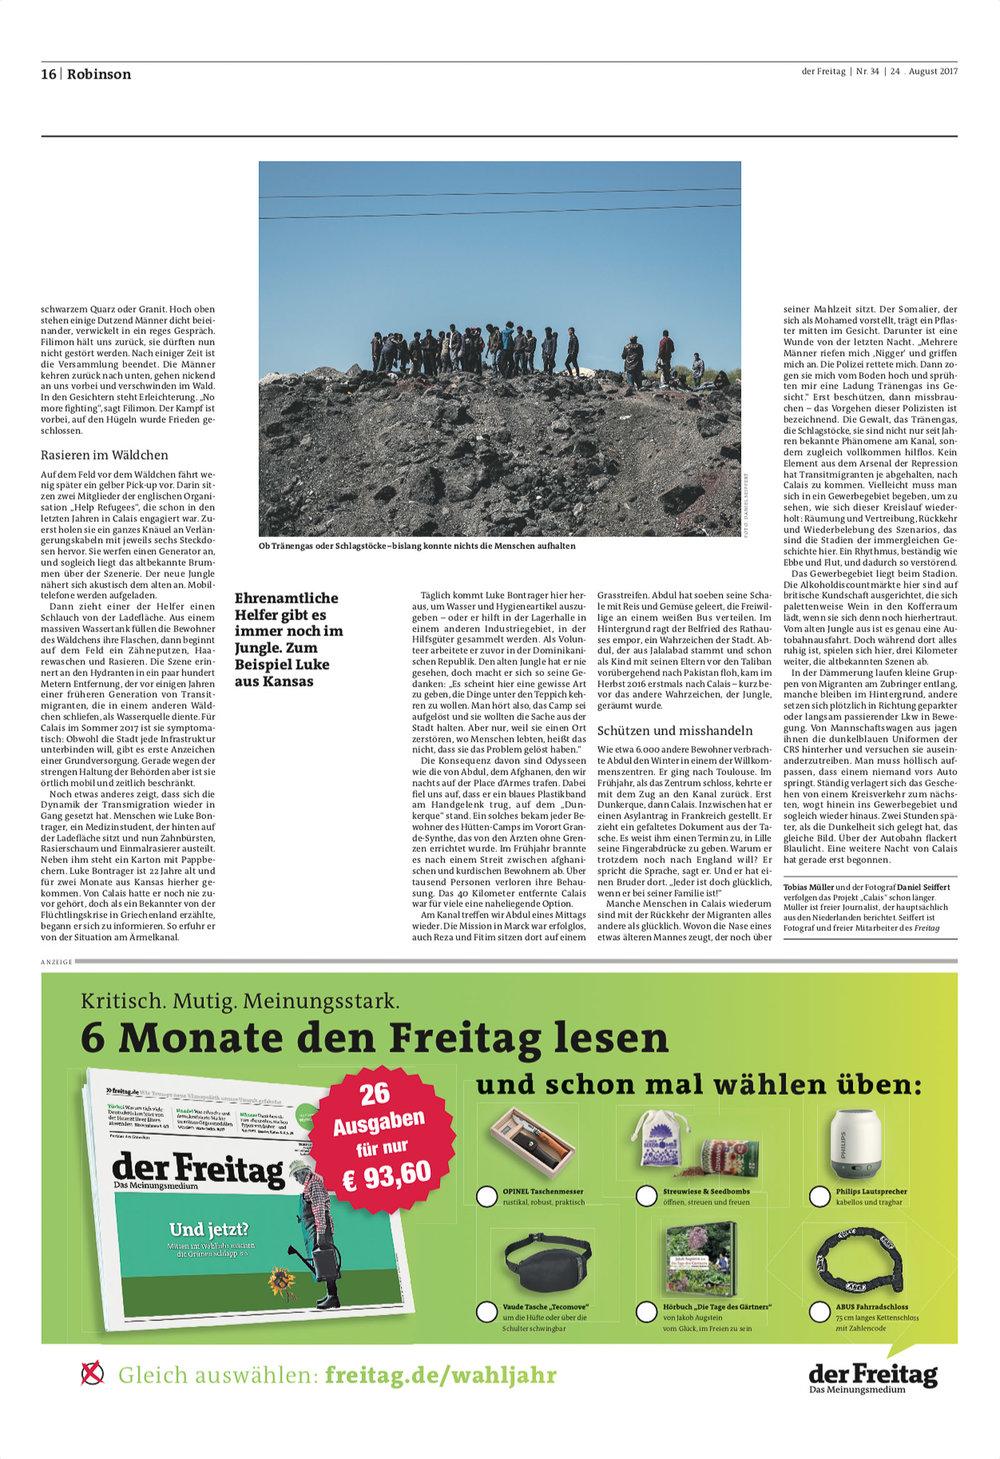 Teersheets-(c)_DanielSeiffert-20.jpg